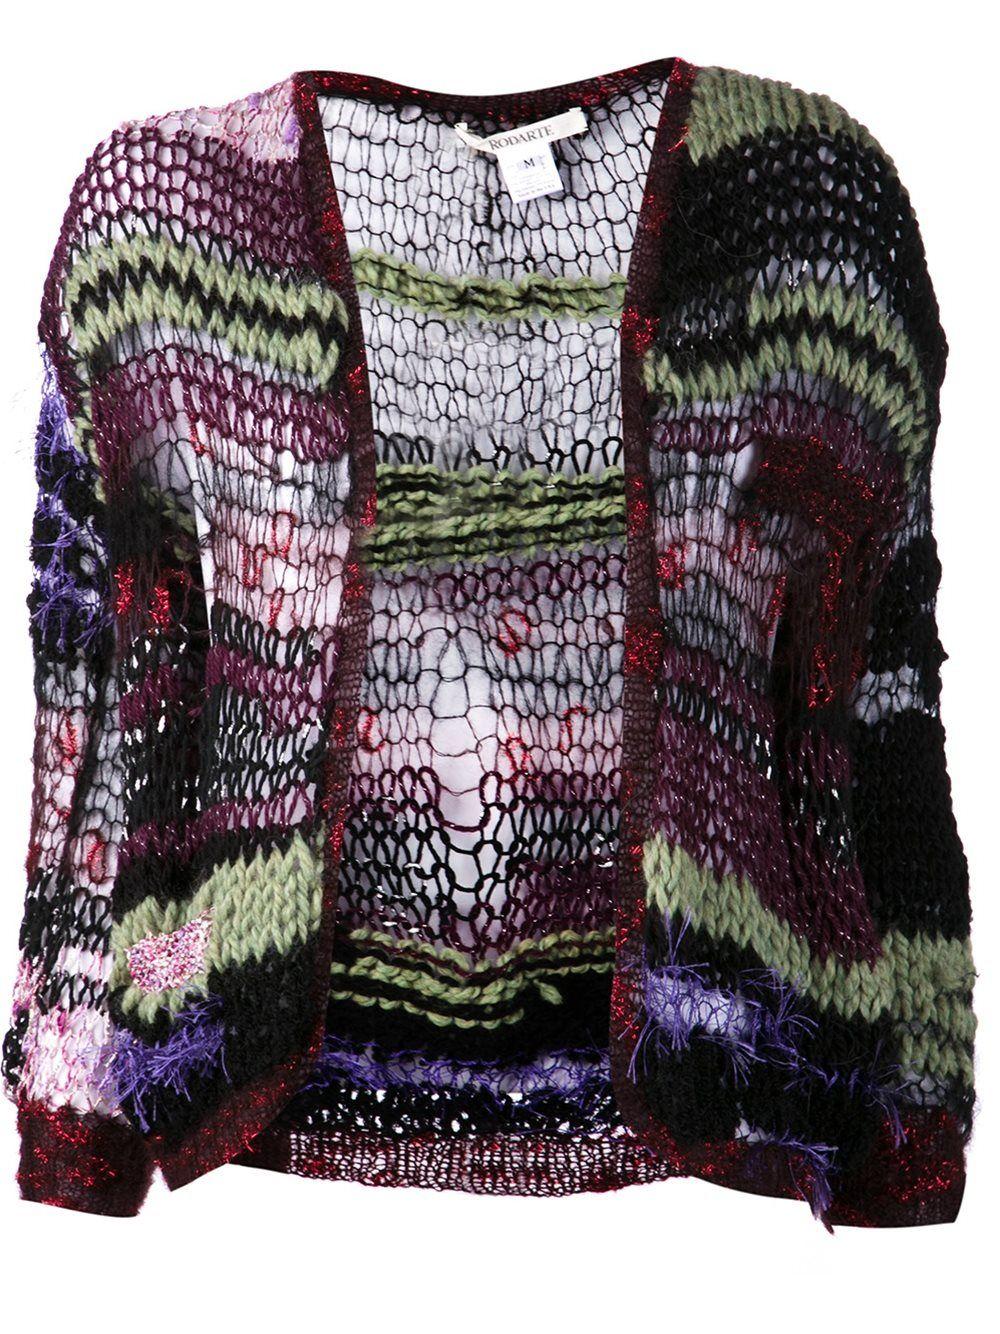 Rodarte open knit cardigan